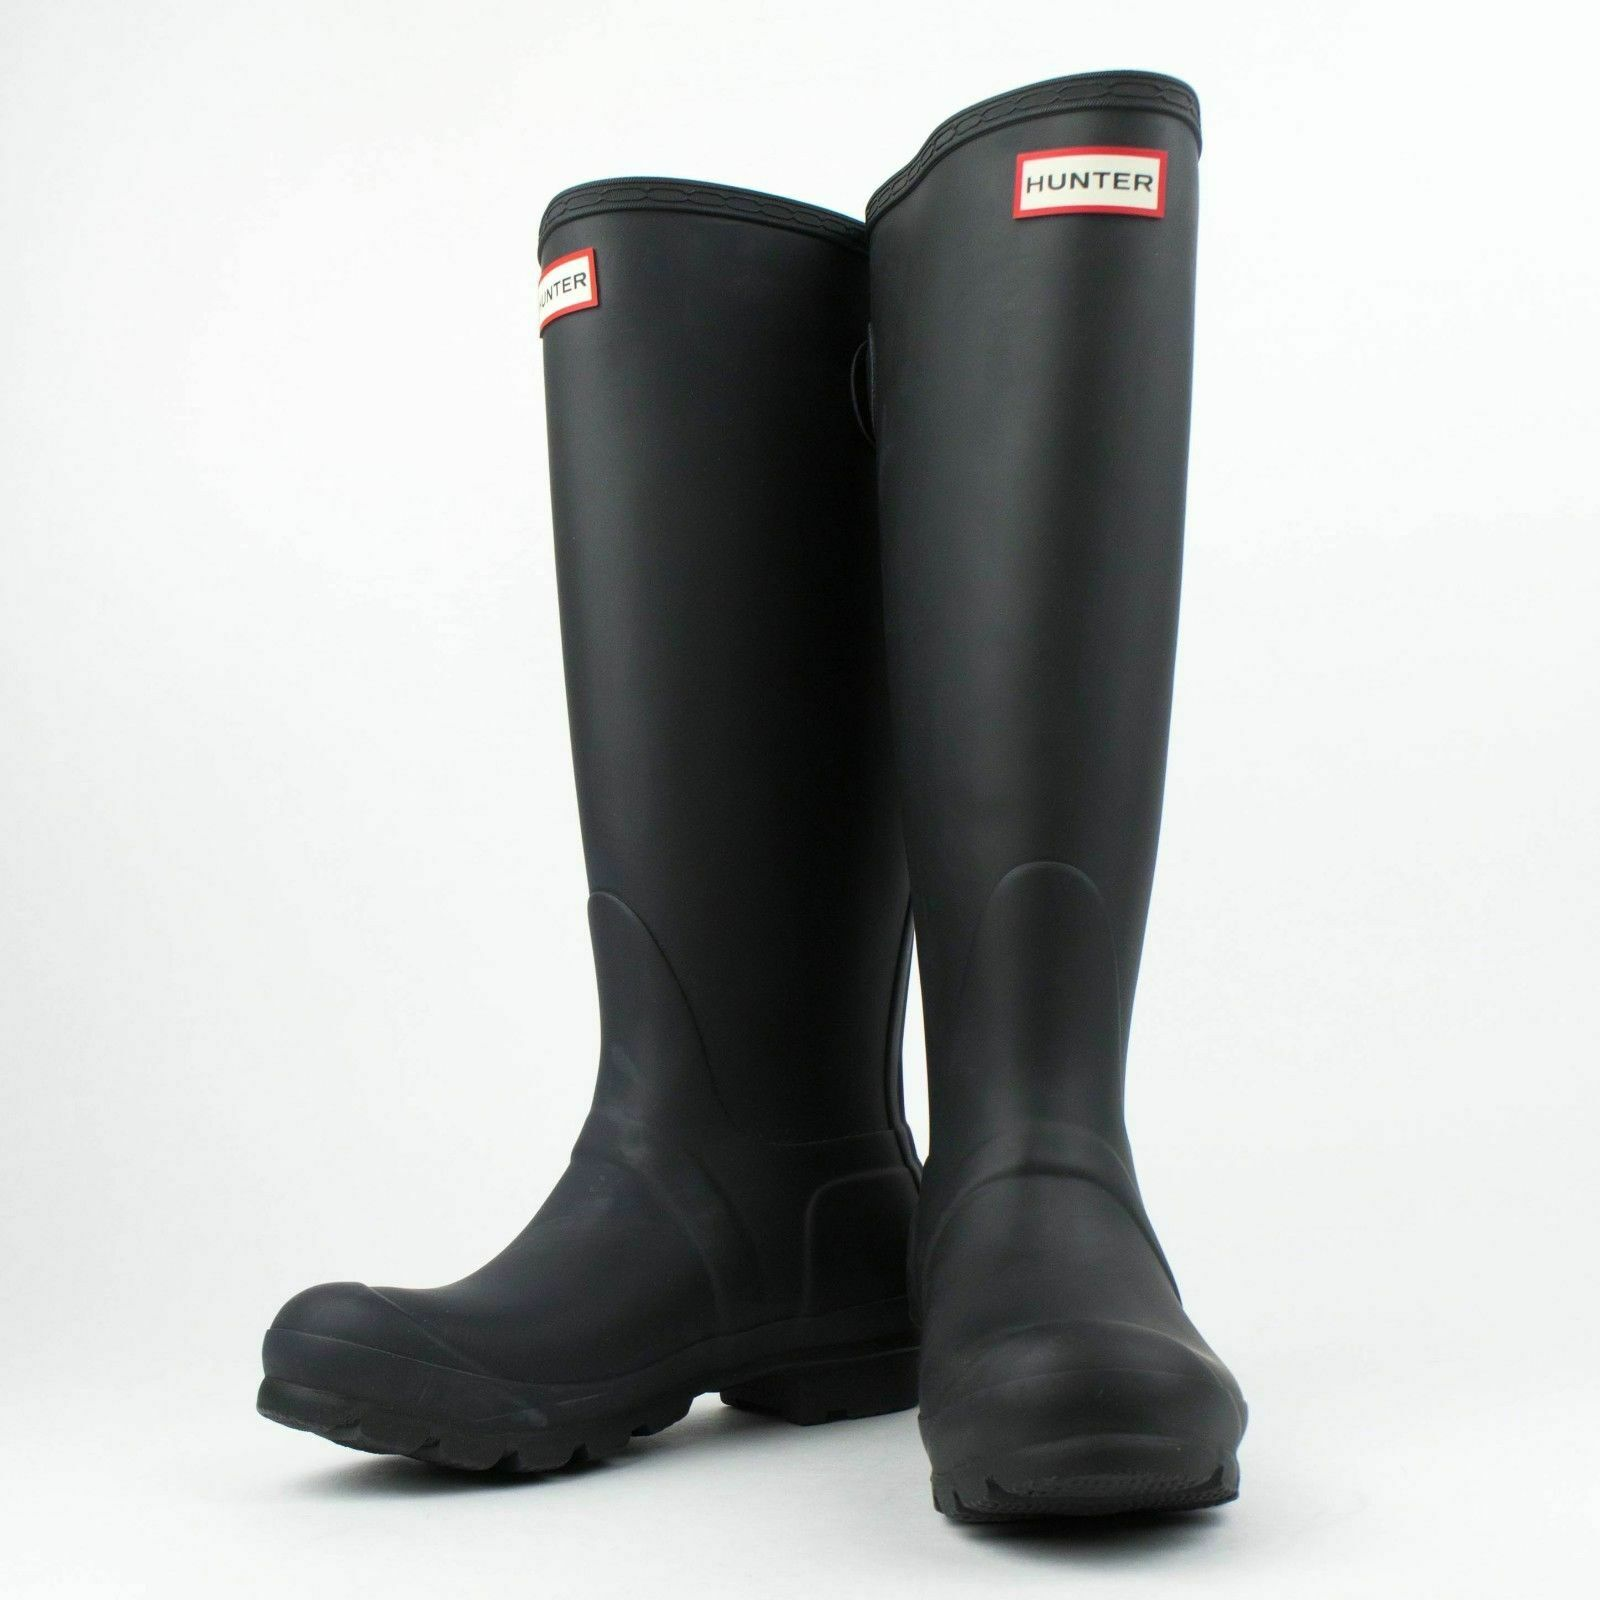 Nuevo En Caja Hunter Negro Original Tall Espalda Ajustable botas De Lluvia Talla EE. UU. 5 Reino Unido 3